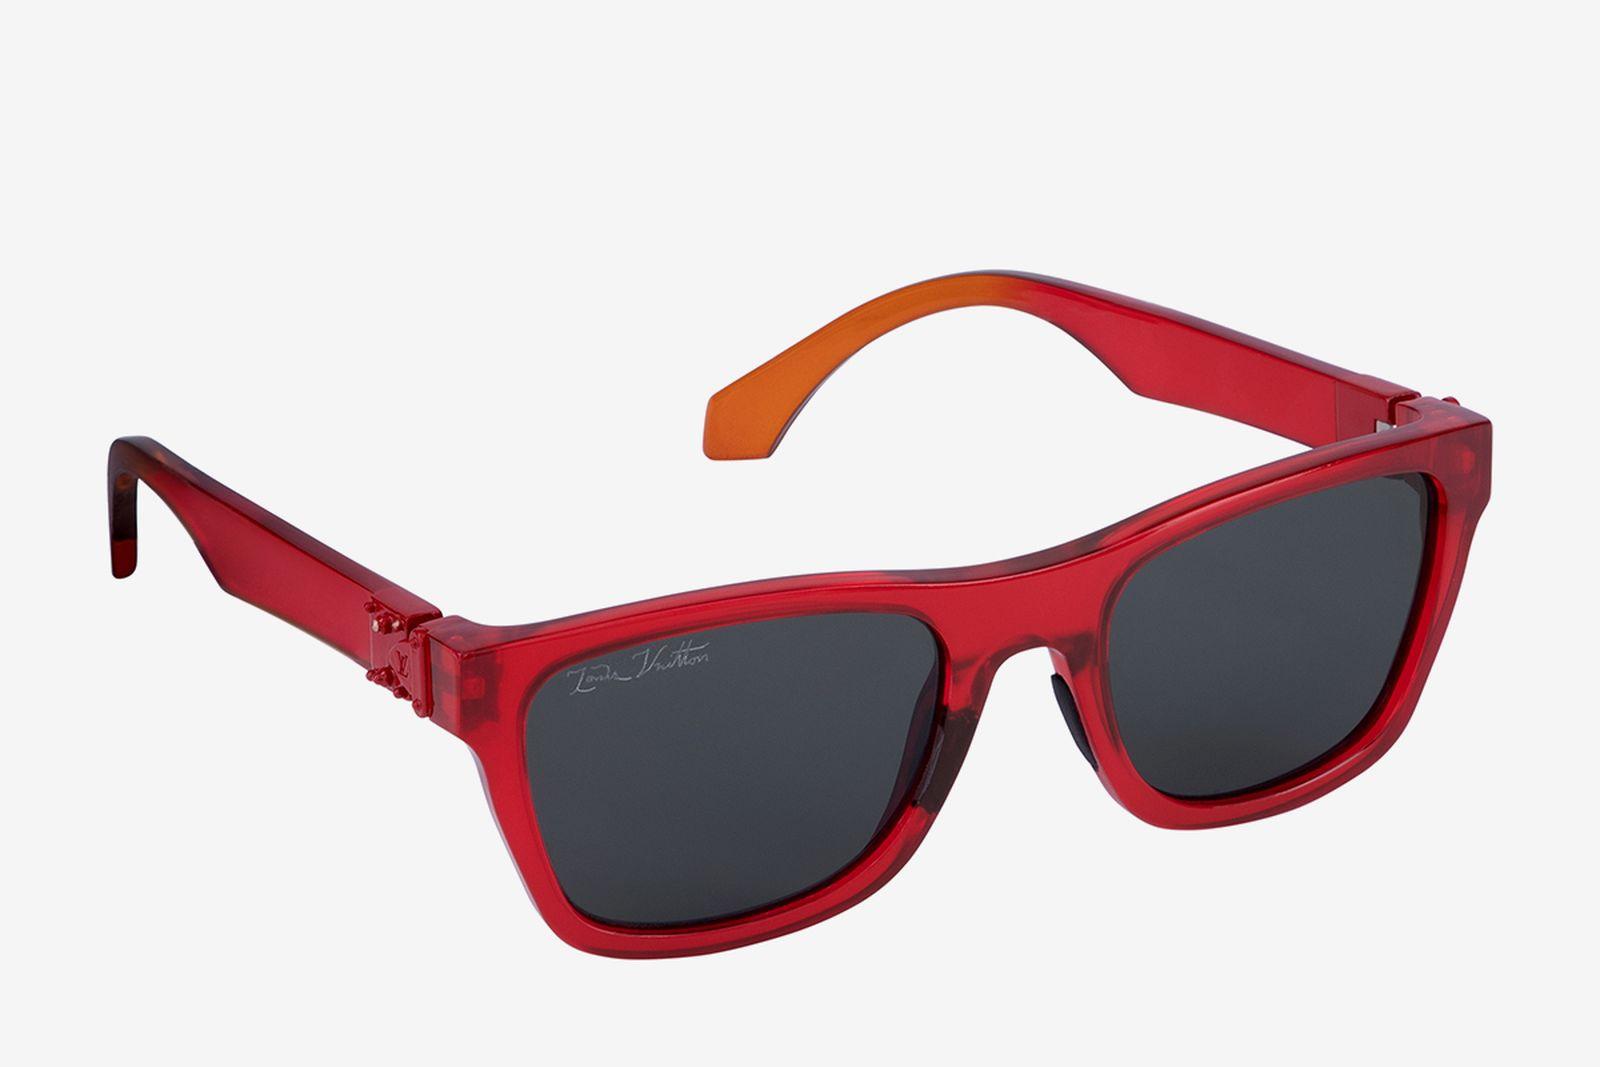 louis vuitton rainbow sunglasses virgil abloh